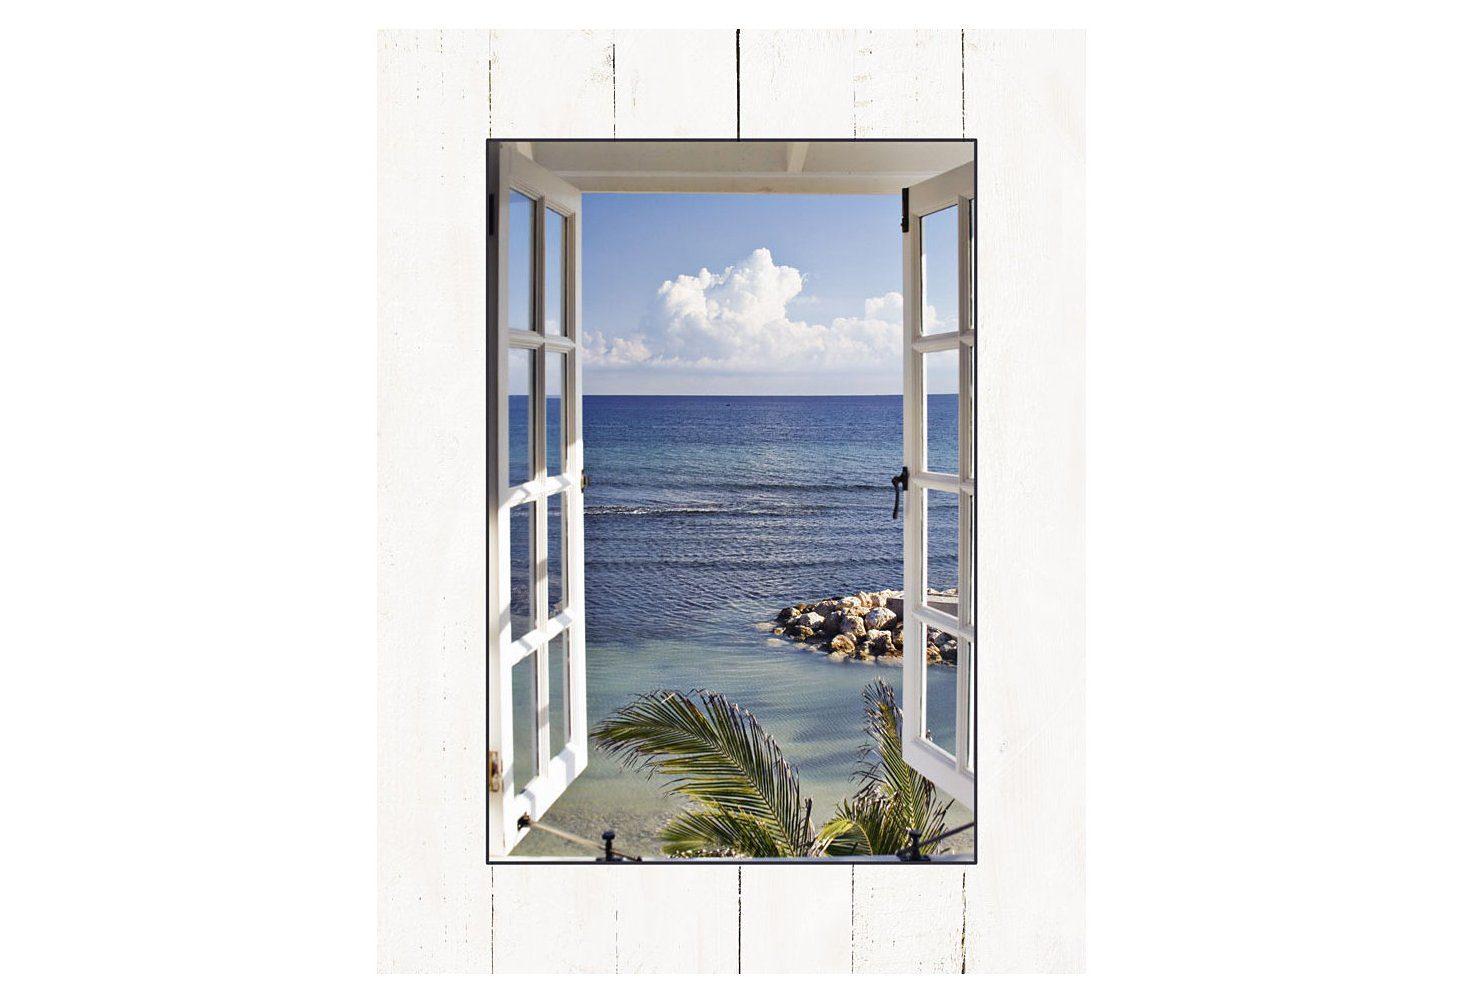 Home affaire, Bild Kunstdruck, »K. Sucker: Fenster zum Paradies«, 60/81 cm